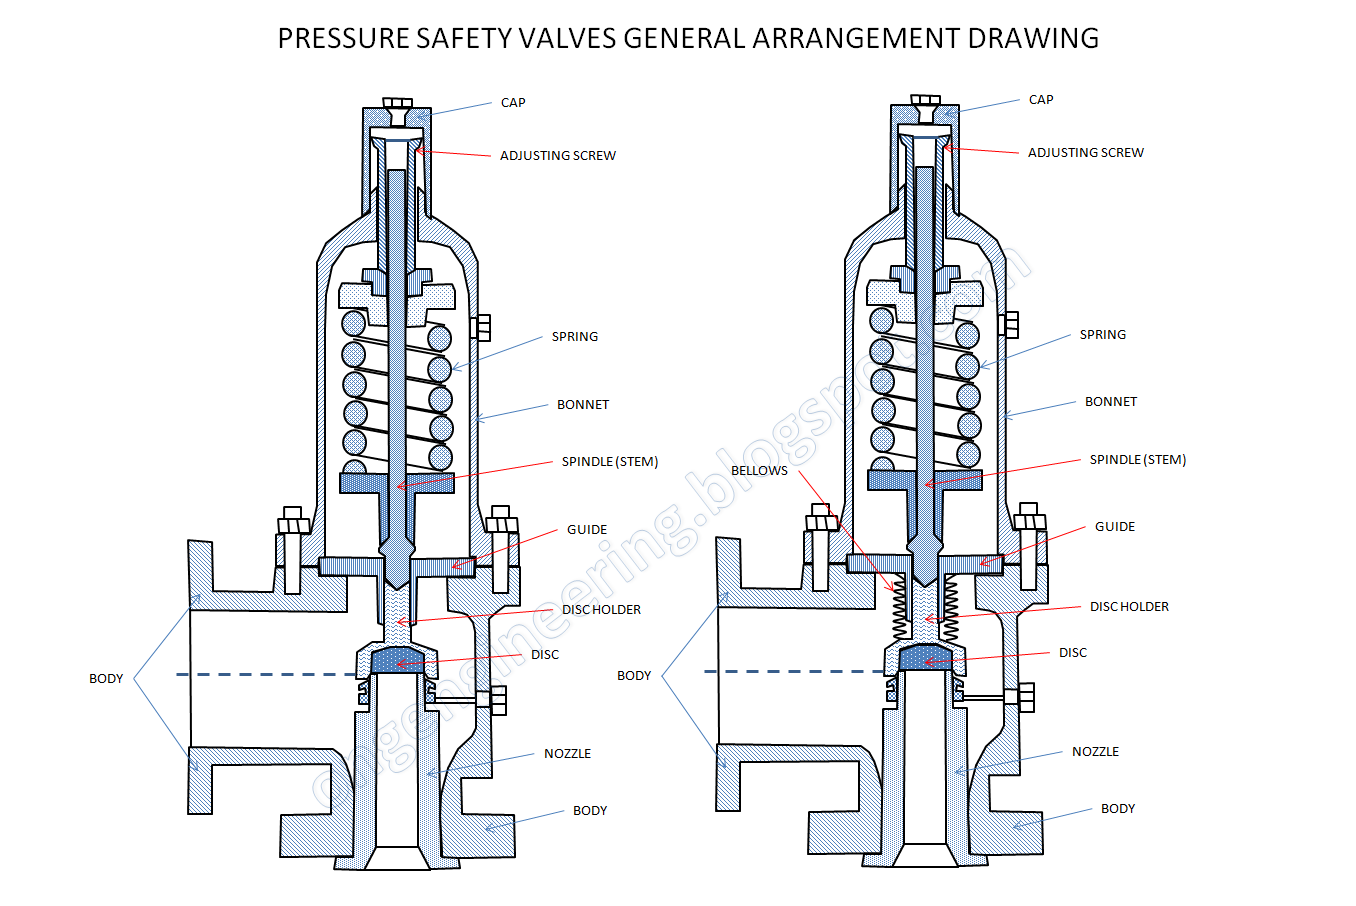 PSV Pressure safety valve mengamankan pipa dari tekanan berlebih